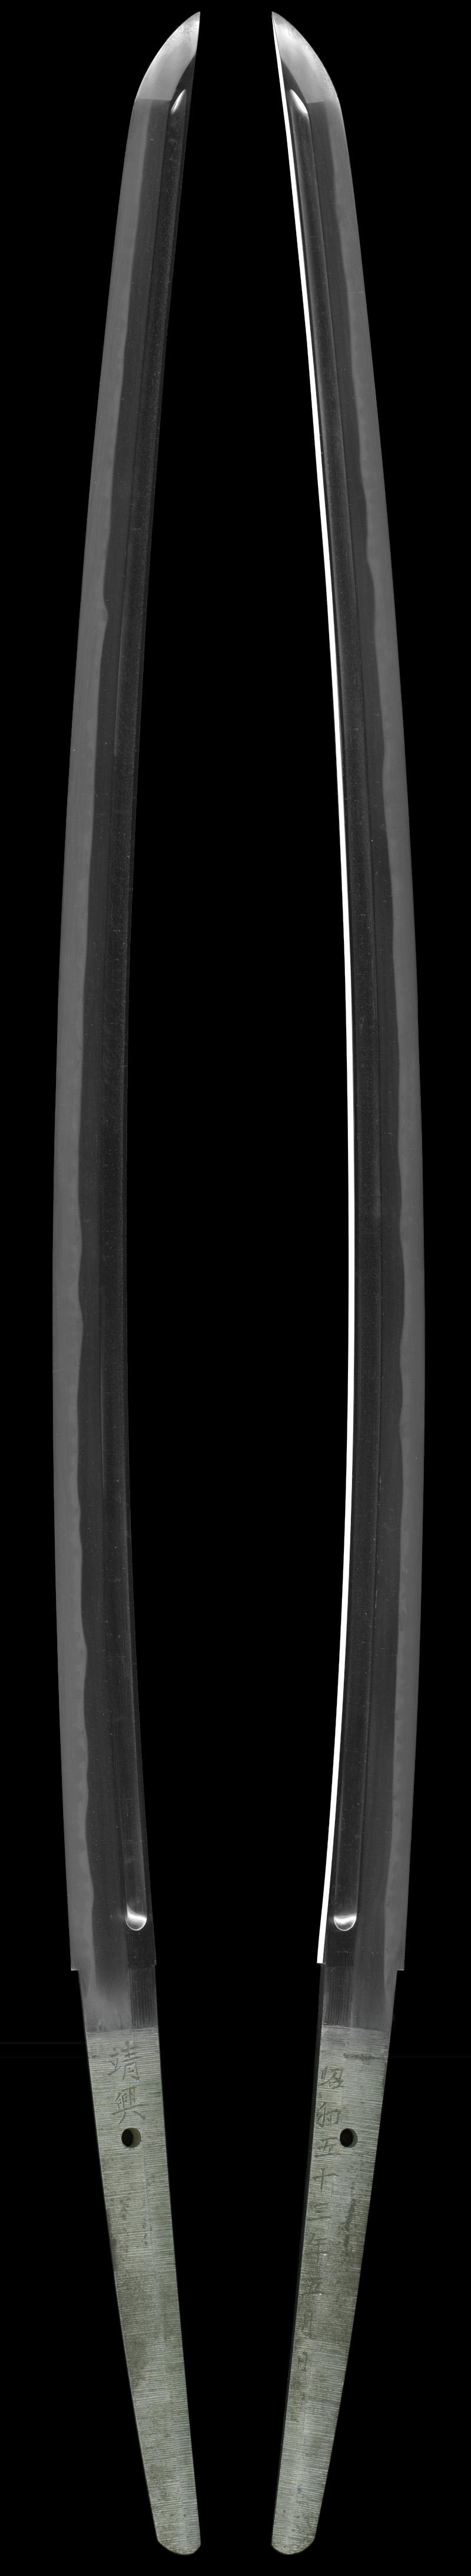 刀 靖興 (島崎靖興) (靖国刀匠)  昭和五十三年五月日全体画像